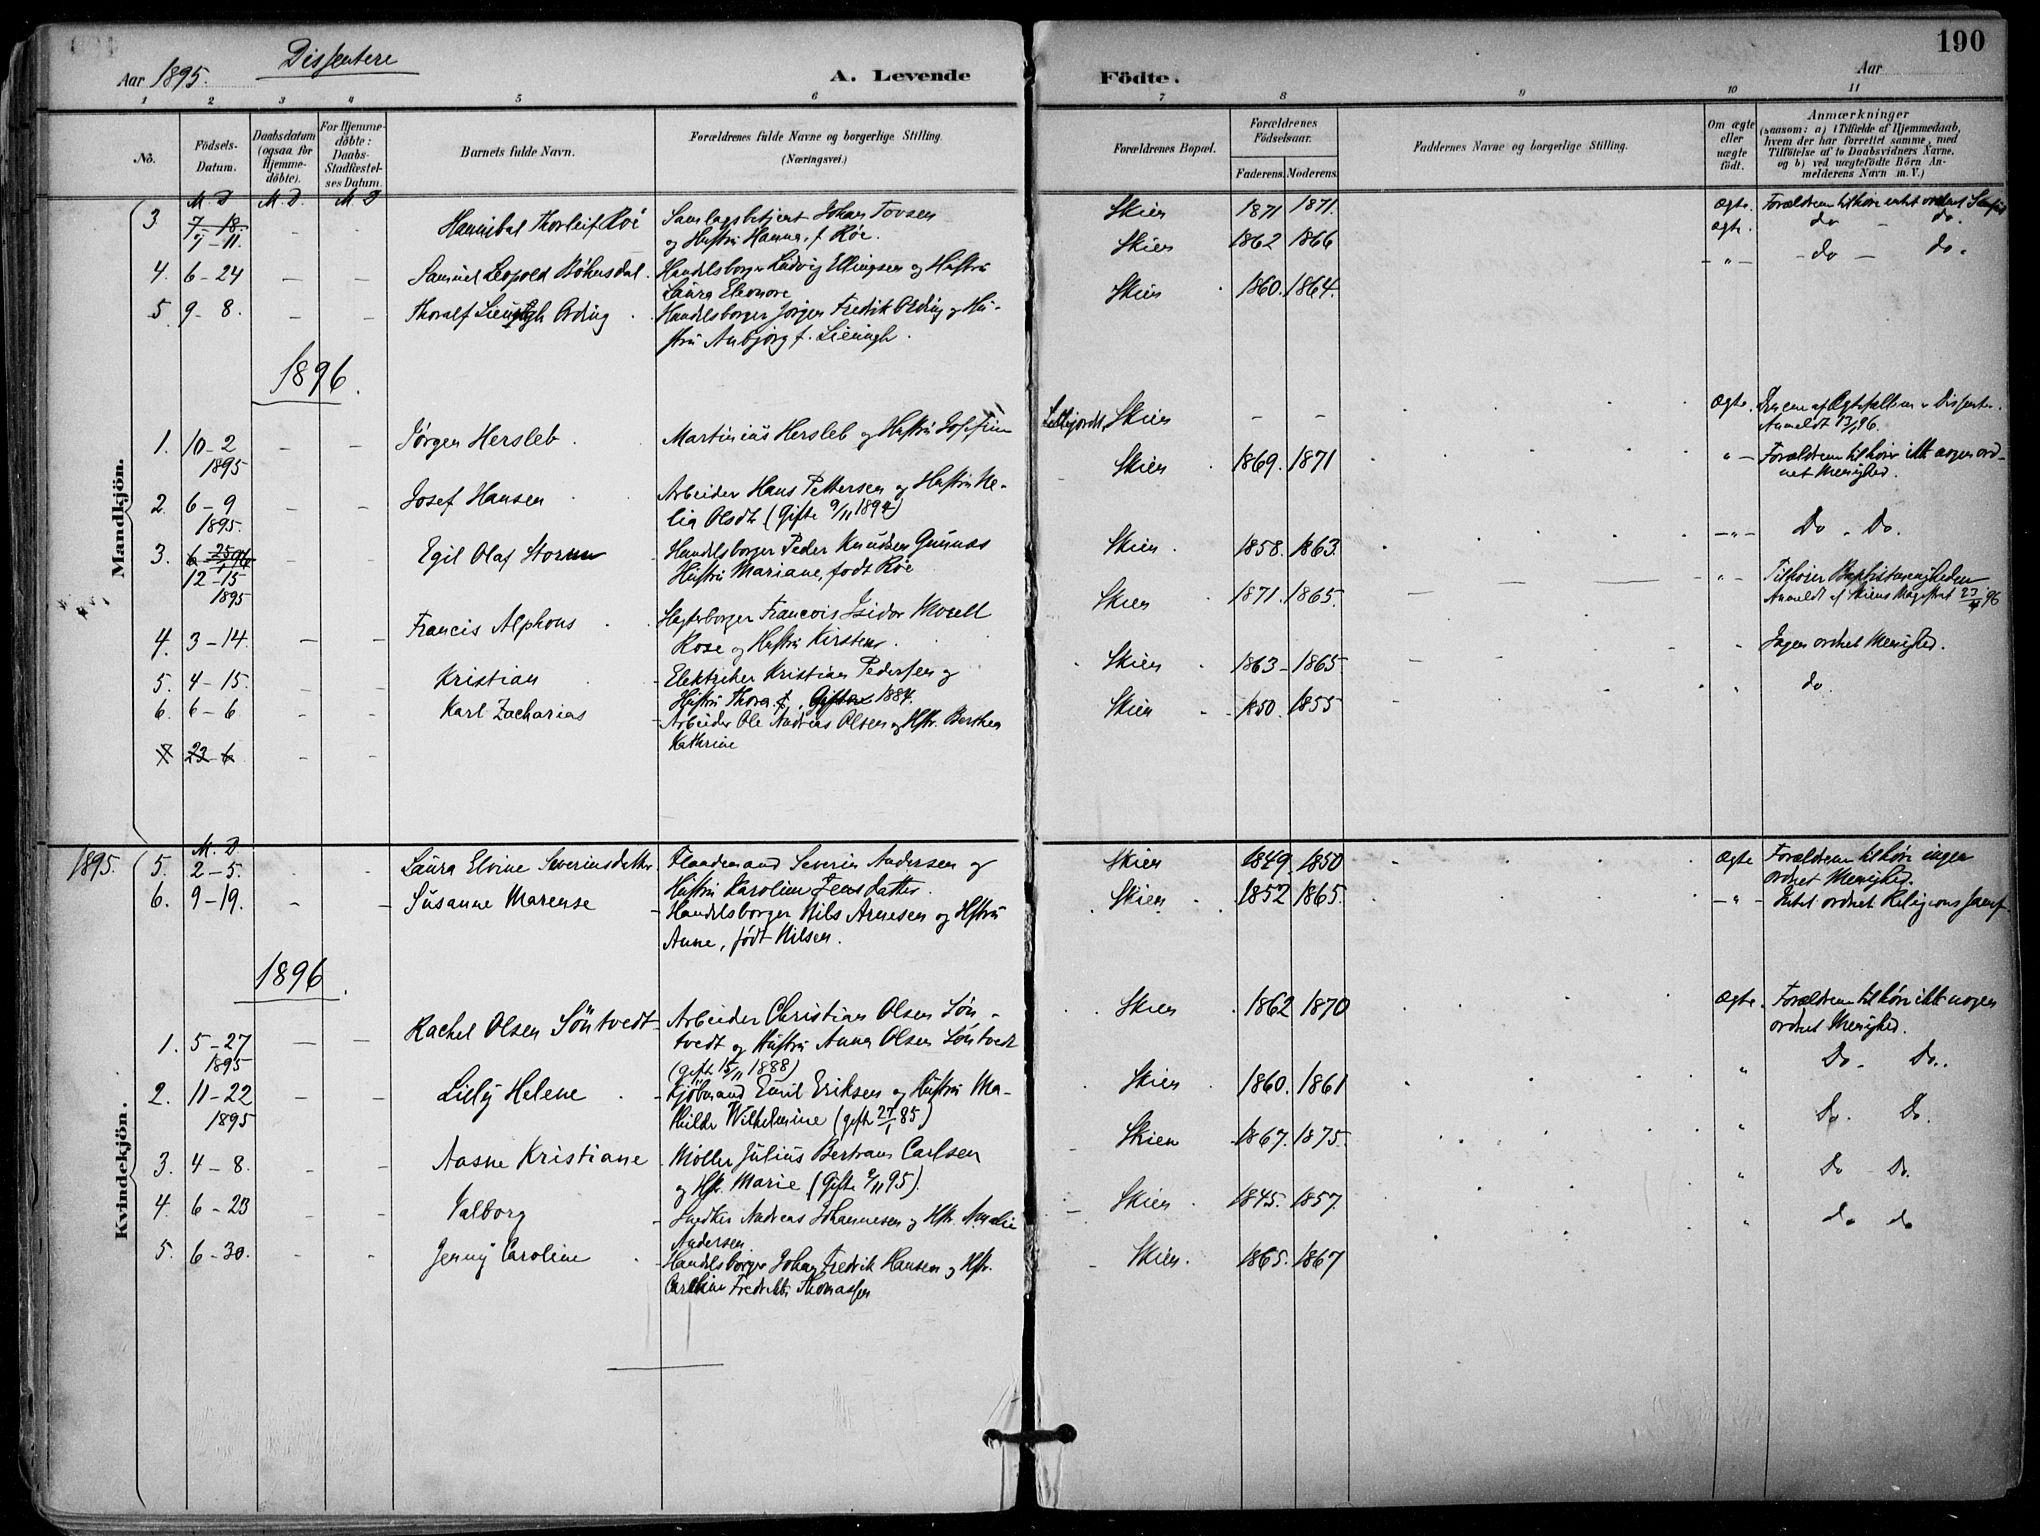 SAKO, Skien kirkebøker, F/Fa/L0010: Ministerialbok nr. 10, 1891-1899, s. 190